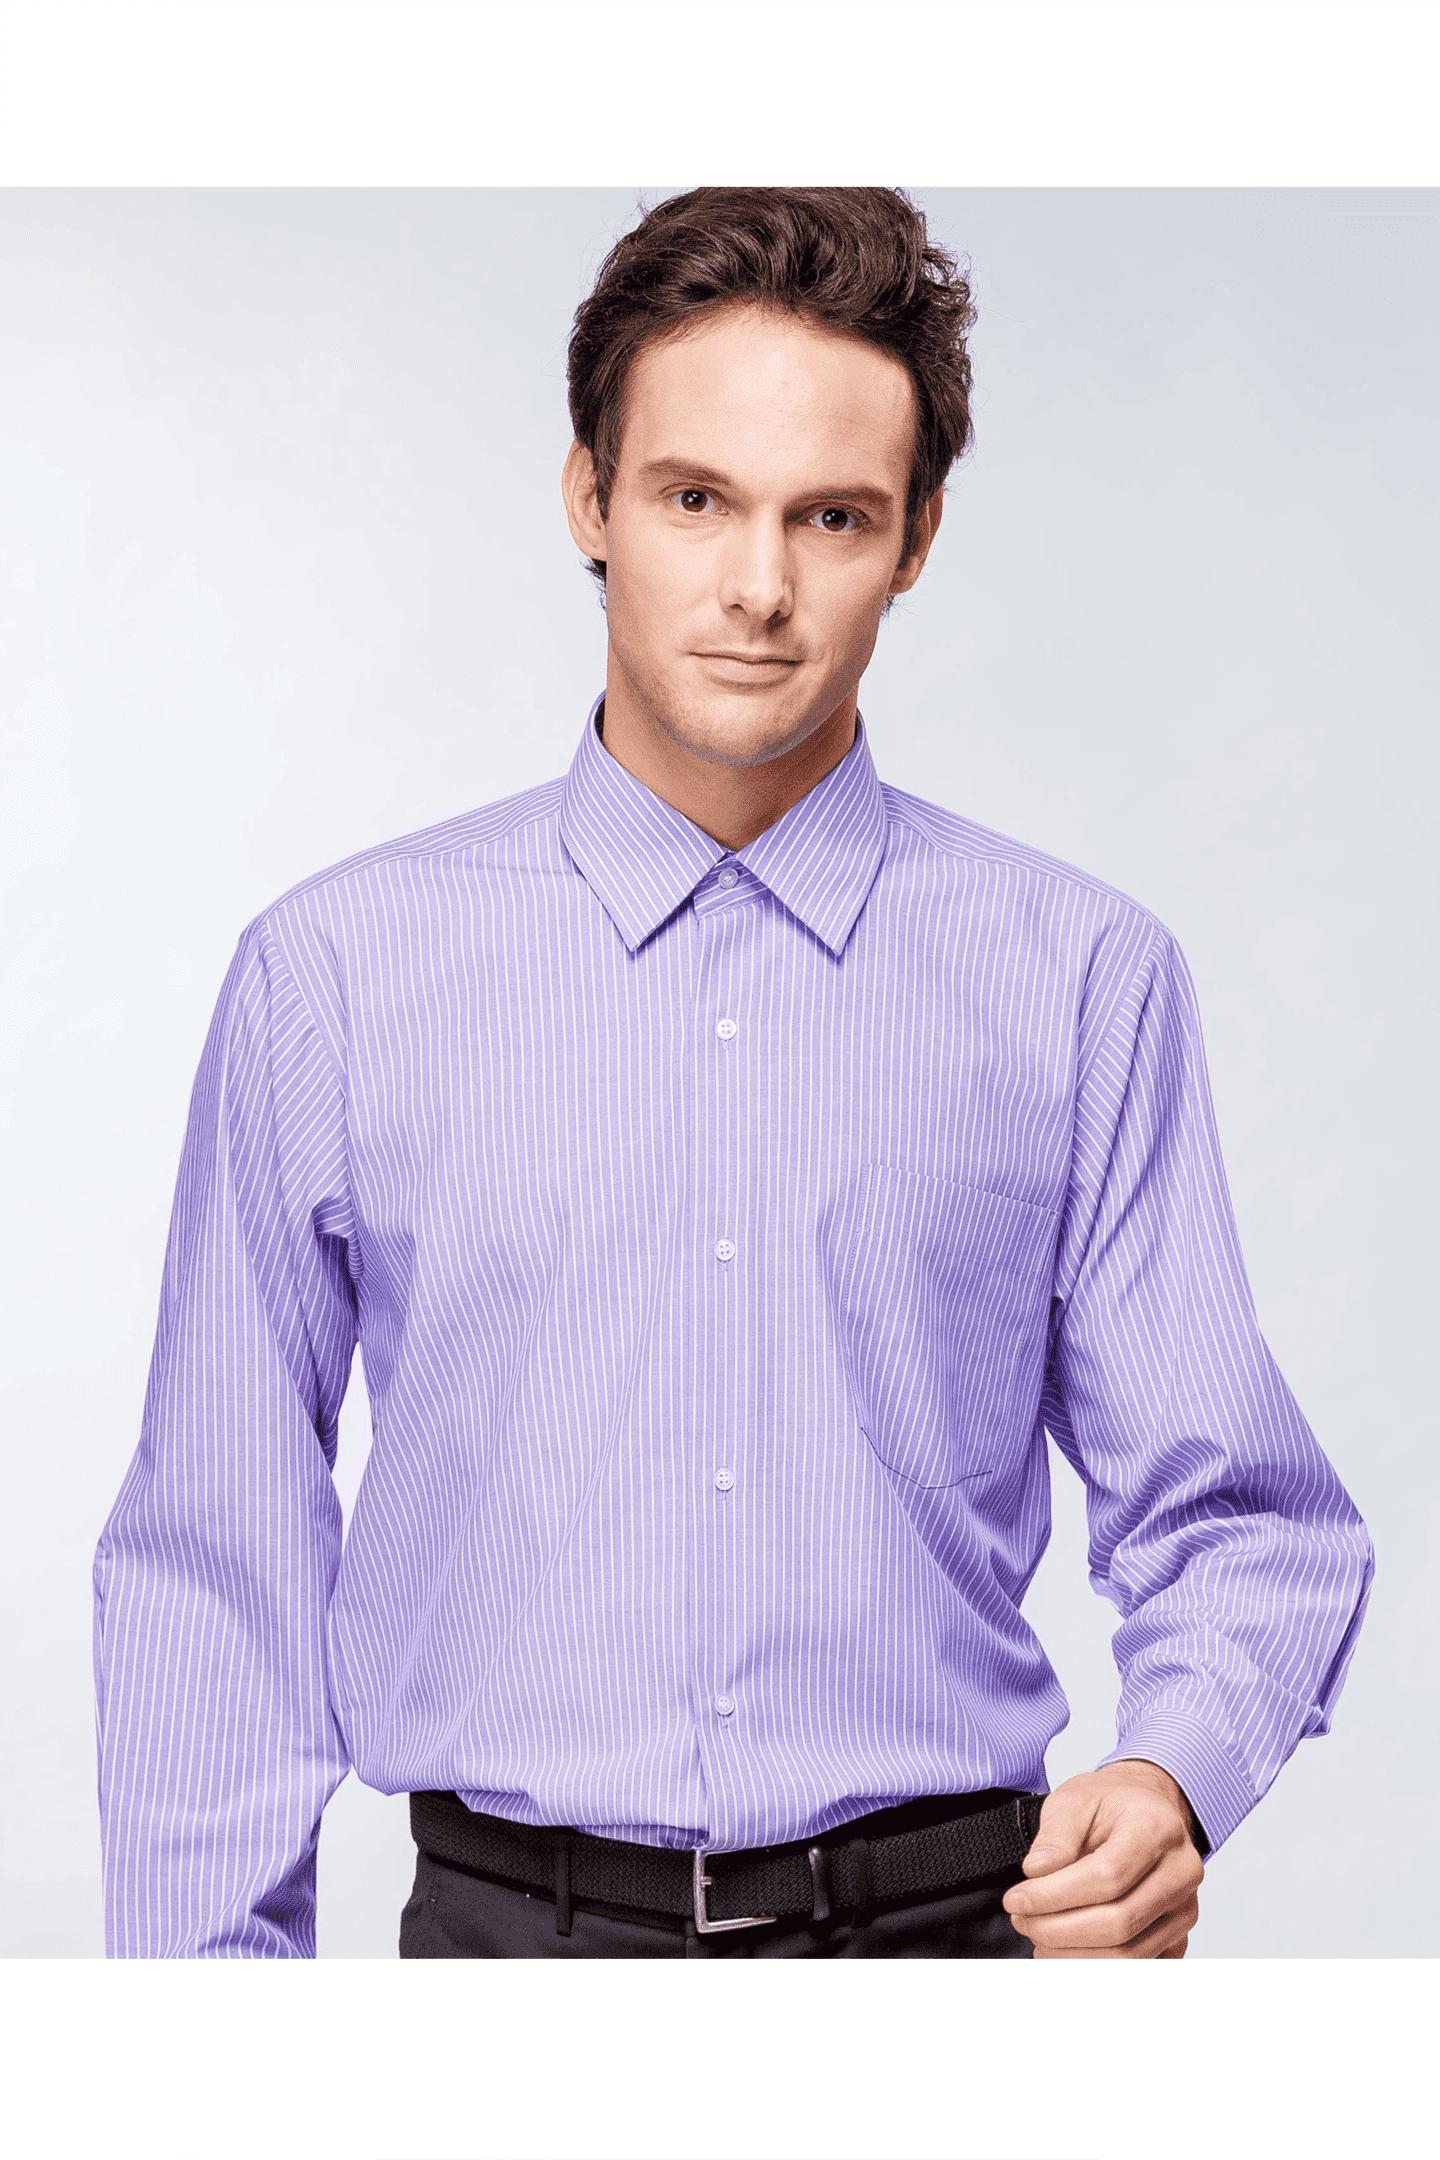 白紫條棉質長袖襯衫 / 舒適透氣<br />